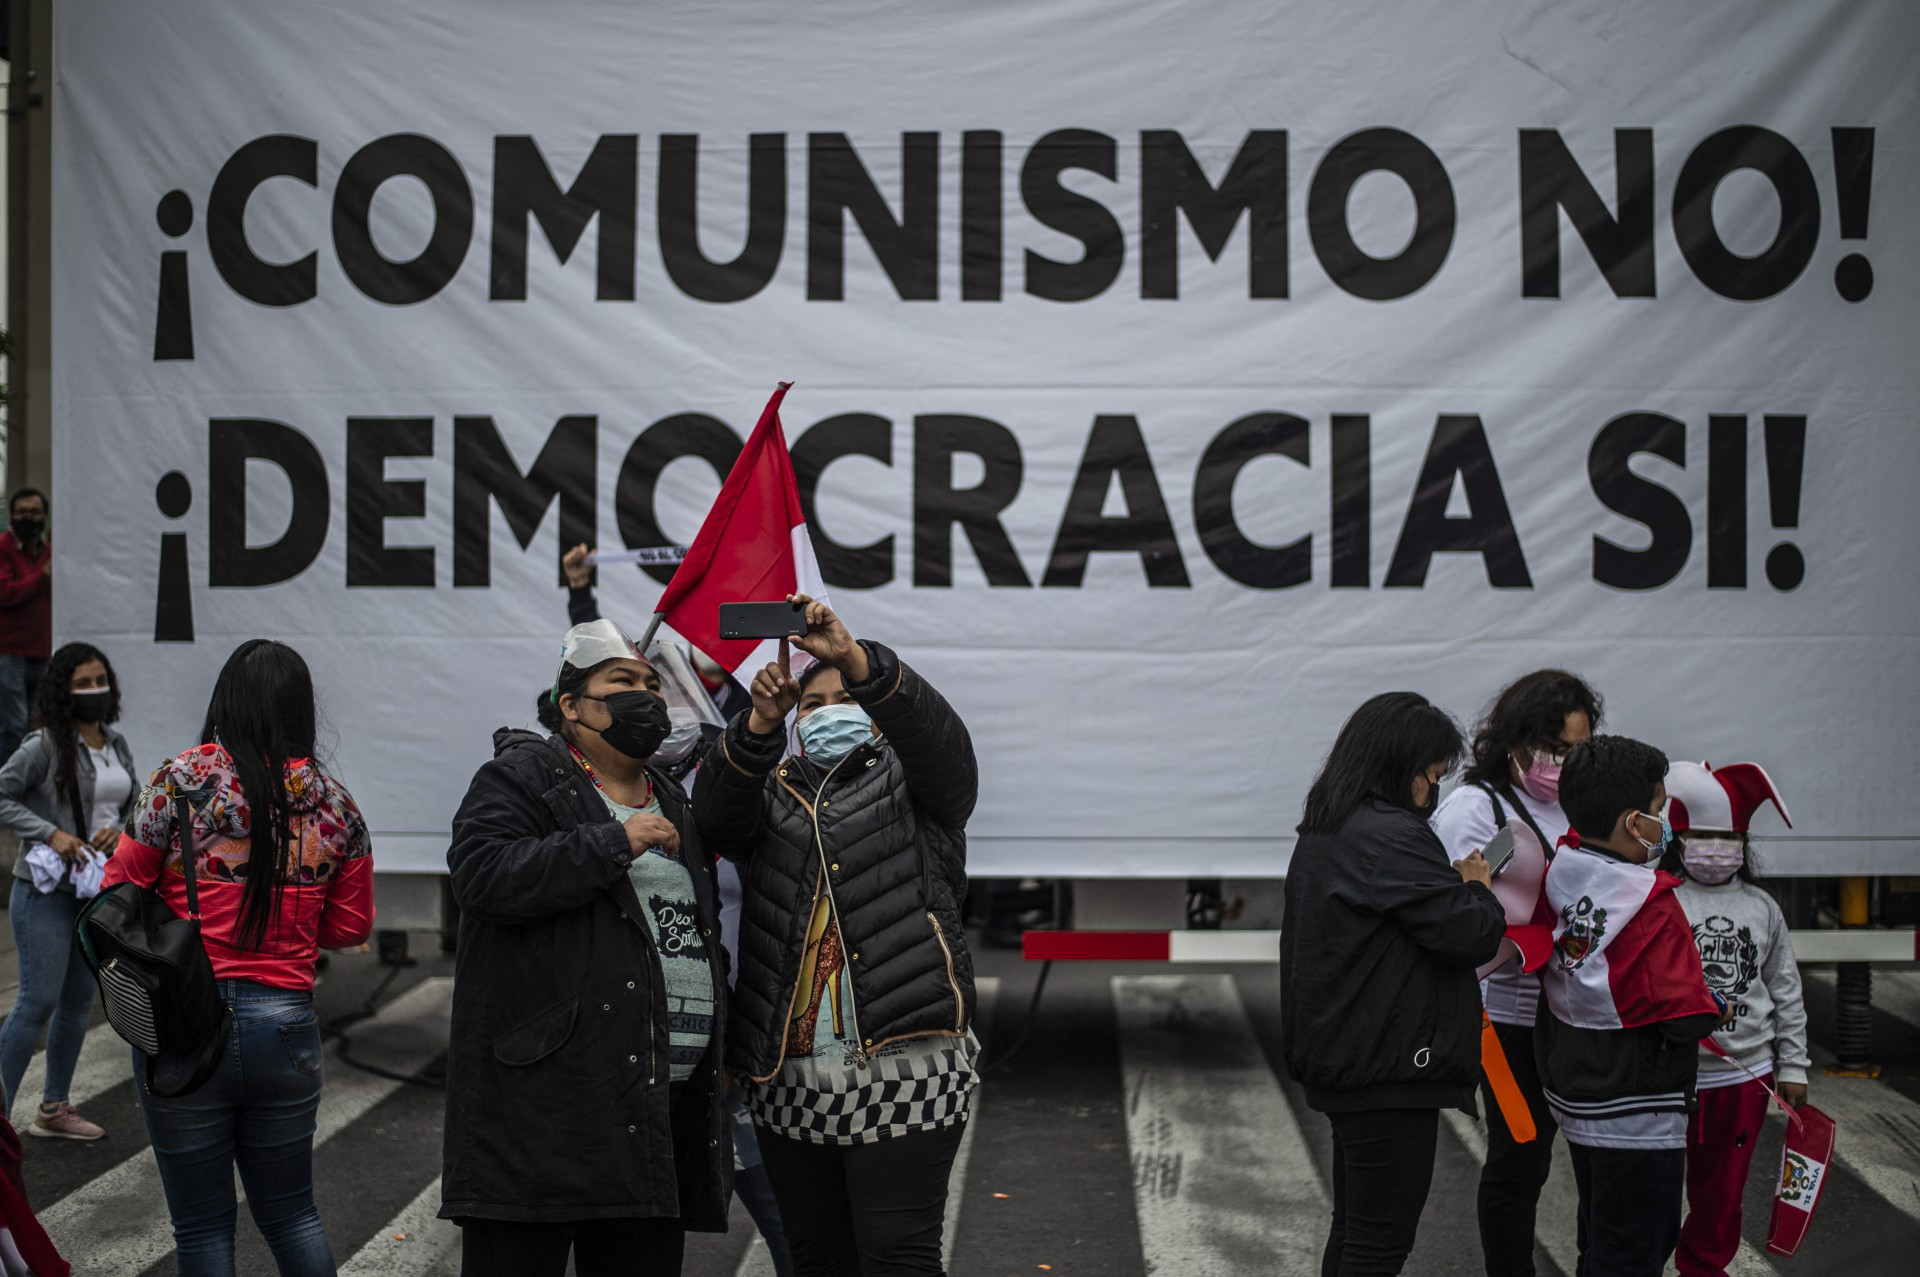 """Apoiadores do candidato peruano pelo Partido Popular Fuerza, Keiko Fujimori, protestam em frente ao prédio do Organismo Nacional de Processos Eleitorais (ONPE) em Lima, no dia 09 de junho de 2021. - O sindicalista de extrema esquerda Pedro Castillo se elegeu como vencedor da eleição presidencial do Peru, agradecendo as nações estrangeiras pelas mensagens de """"vitória"""", mesmo com as autoridades eleitorais dizendo na quarta-feira que a disputa não havia terminado. Com mais de 98 por cento dos votos expressos na votação presidencial de domingo contados na manhã de quarta-feira, Castillo manteve a pontuação de liderança de 50,2 por cento sobre 49,7 por cento do rival populista de direita Keiko Fujimori. (Foto de Ernesto BENAVIDES / AFP)"""